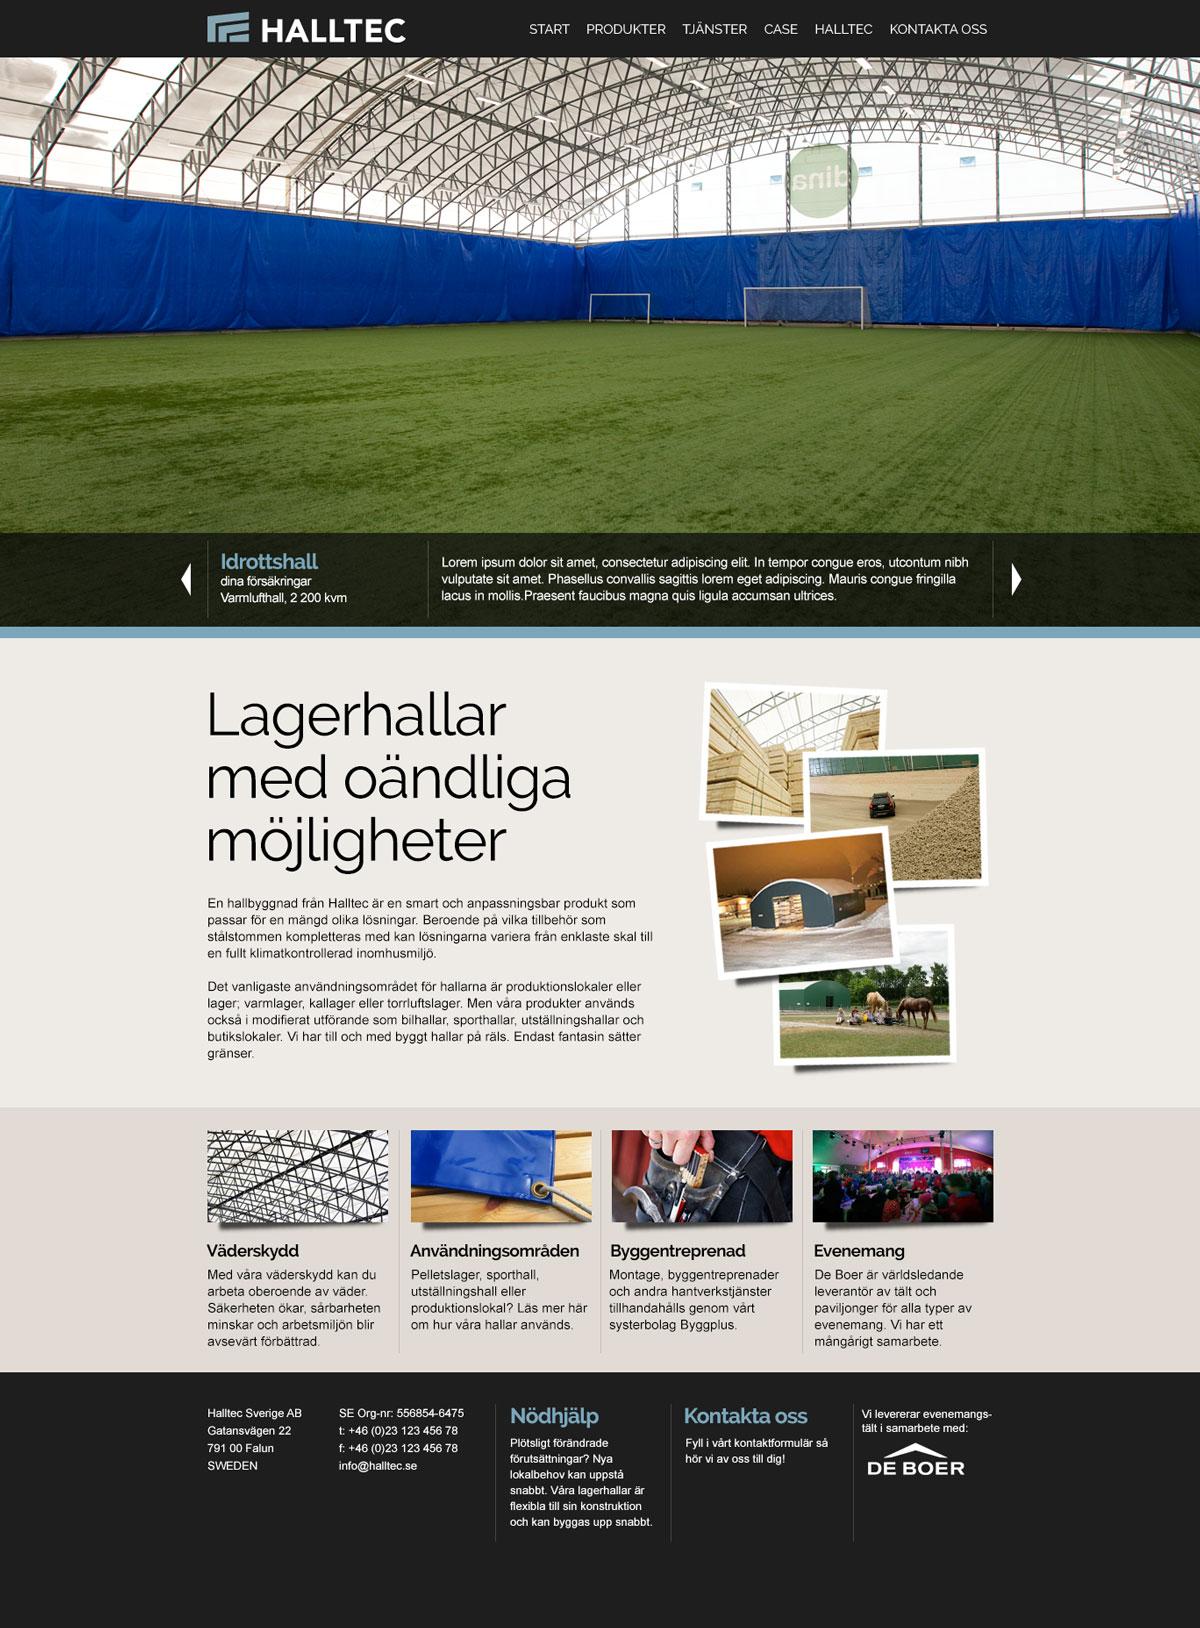 Halltec_Desktop-startpage